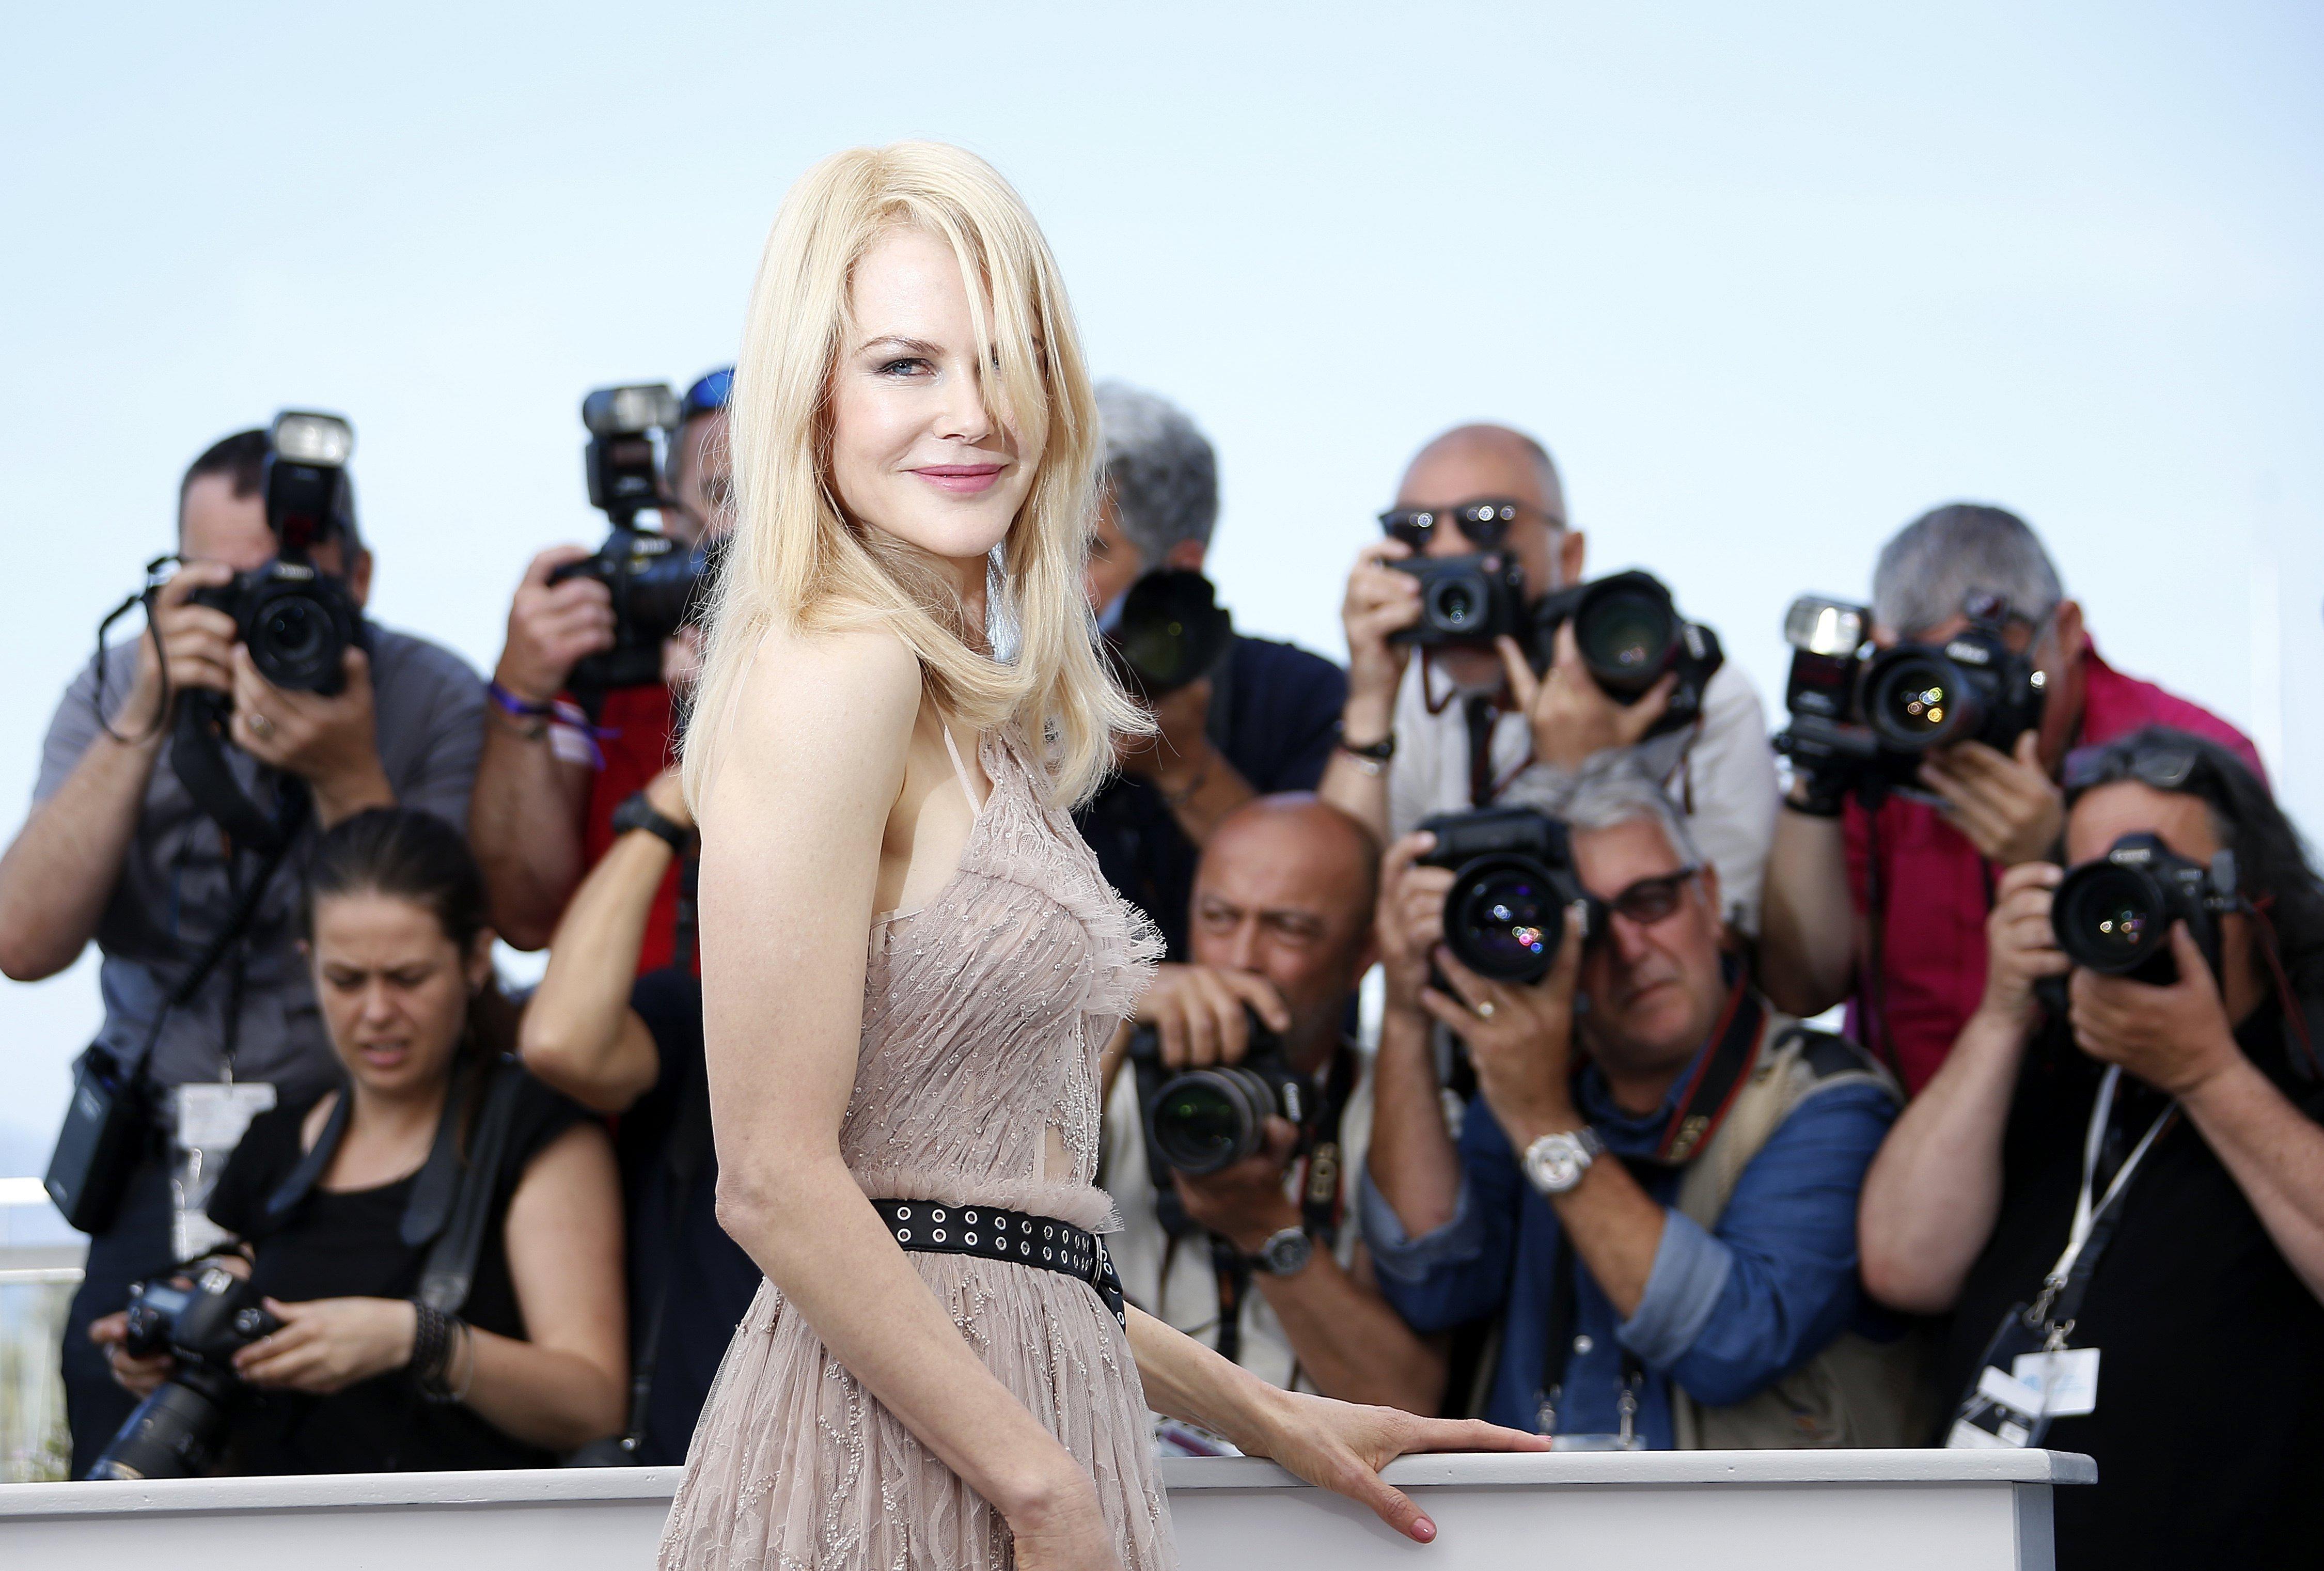 """Nicole Kidman posa davant la premsa el dia que es presenta en la secció oficial del Festival de Cinema de Cannes la pel·lícula """"The Beguiled"""". /SEBASTIEN NOGIER"""